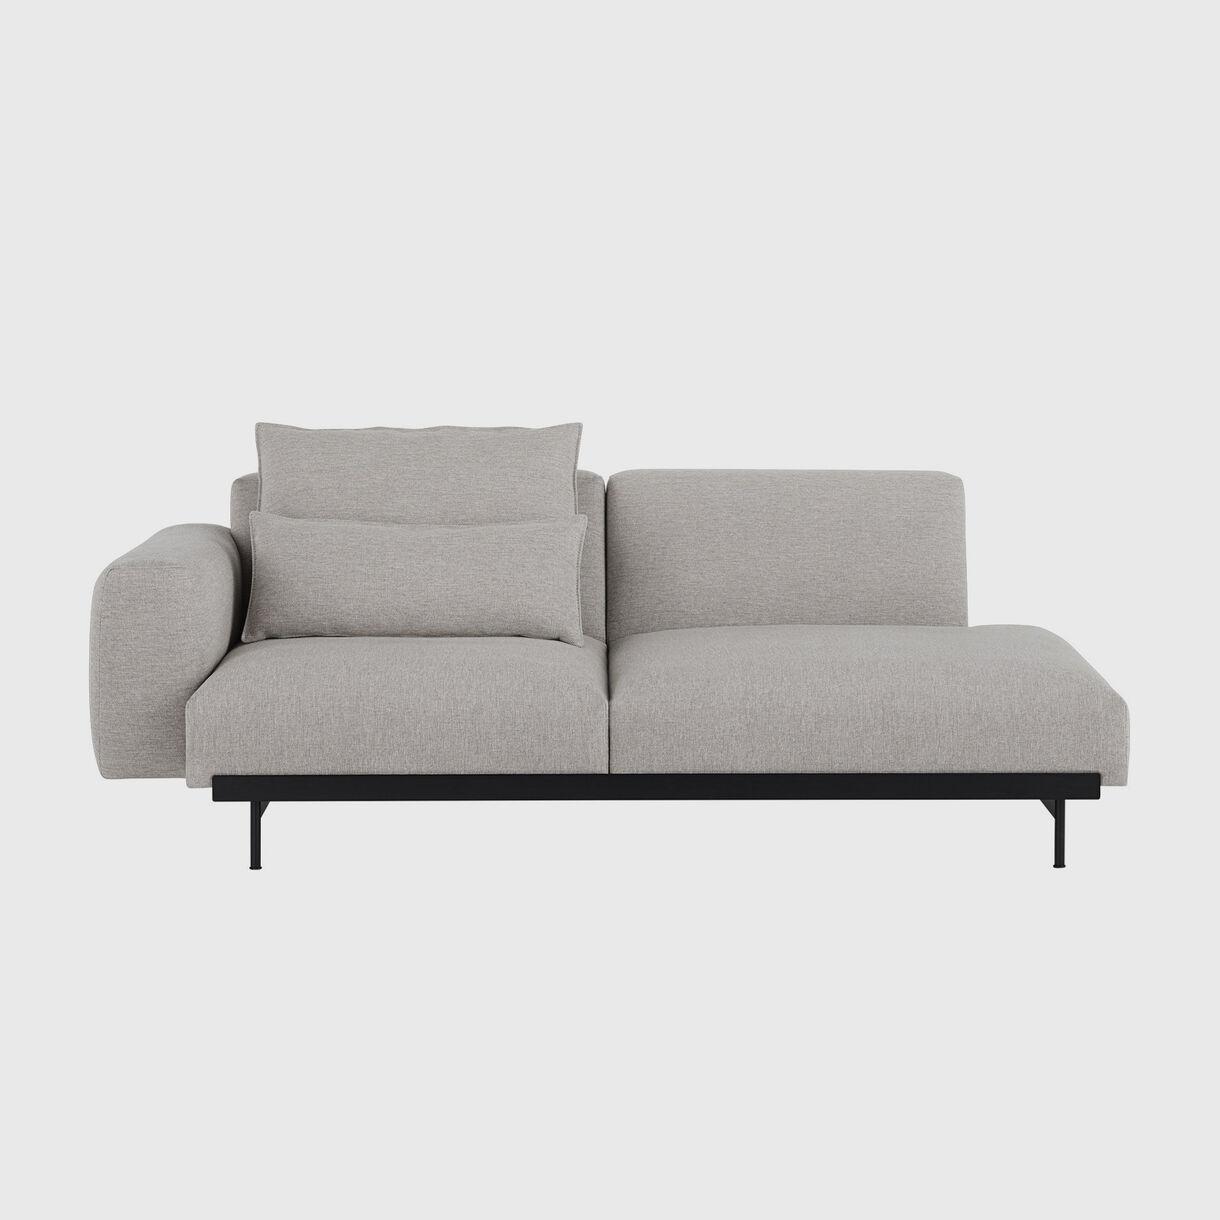 In Situ 2 Seater Sofa, Configuration 3, Clay 12